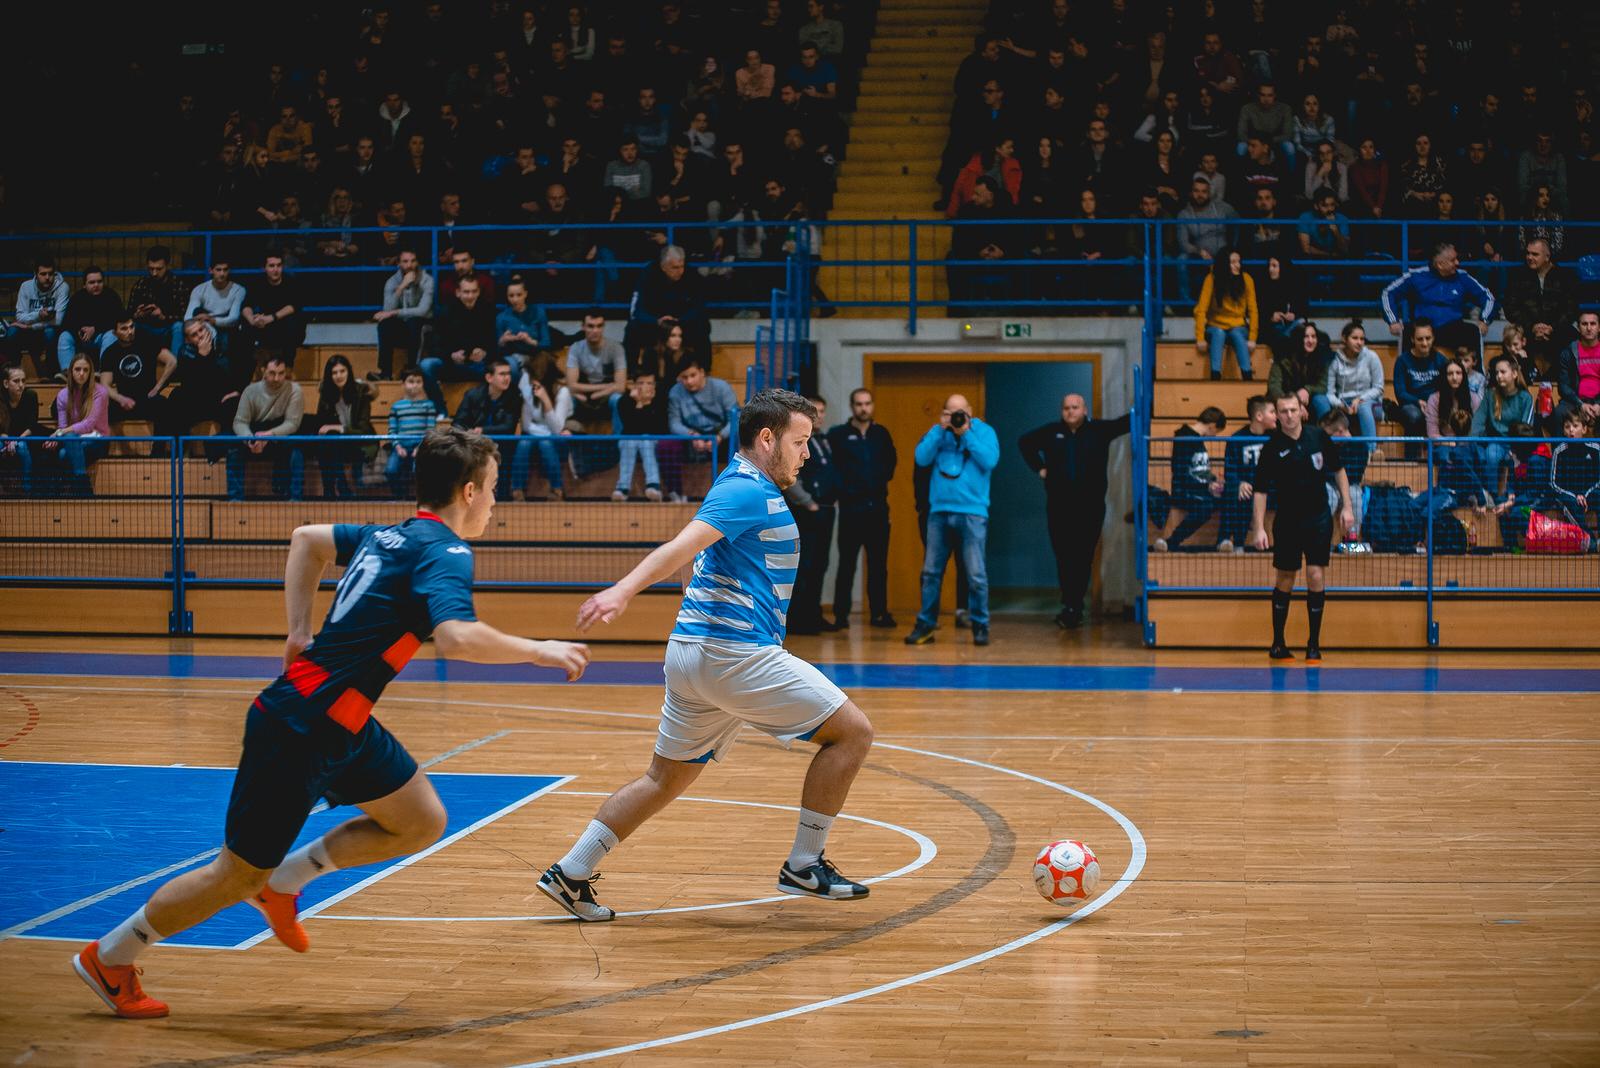 likaclub_gospić_zimski-malonogometni-turnir-2018-19-29